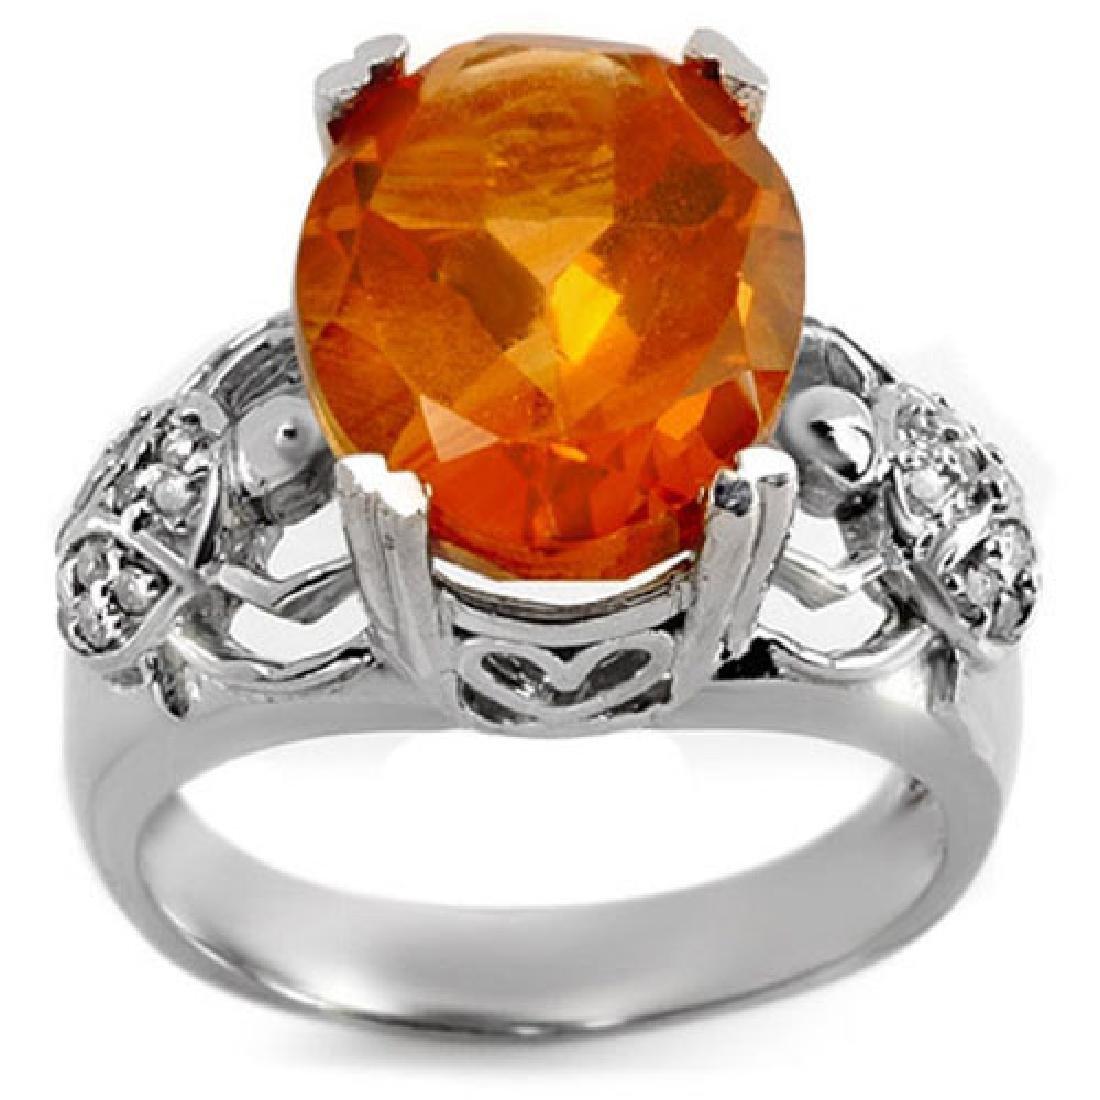 6.20 CTW Citrine & Diamond Ring 10K White Gold